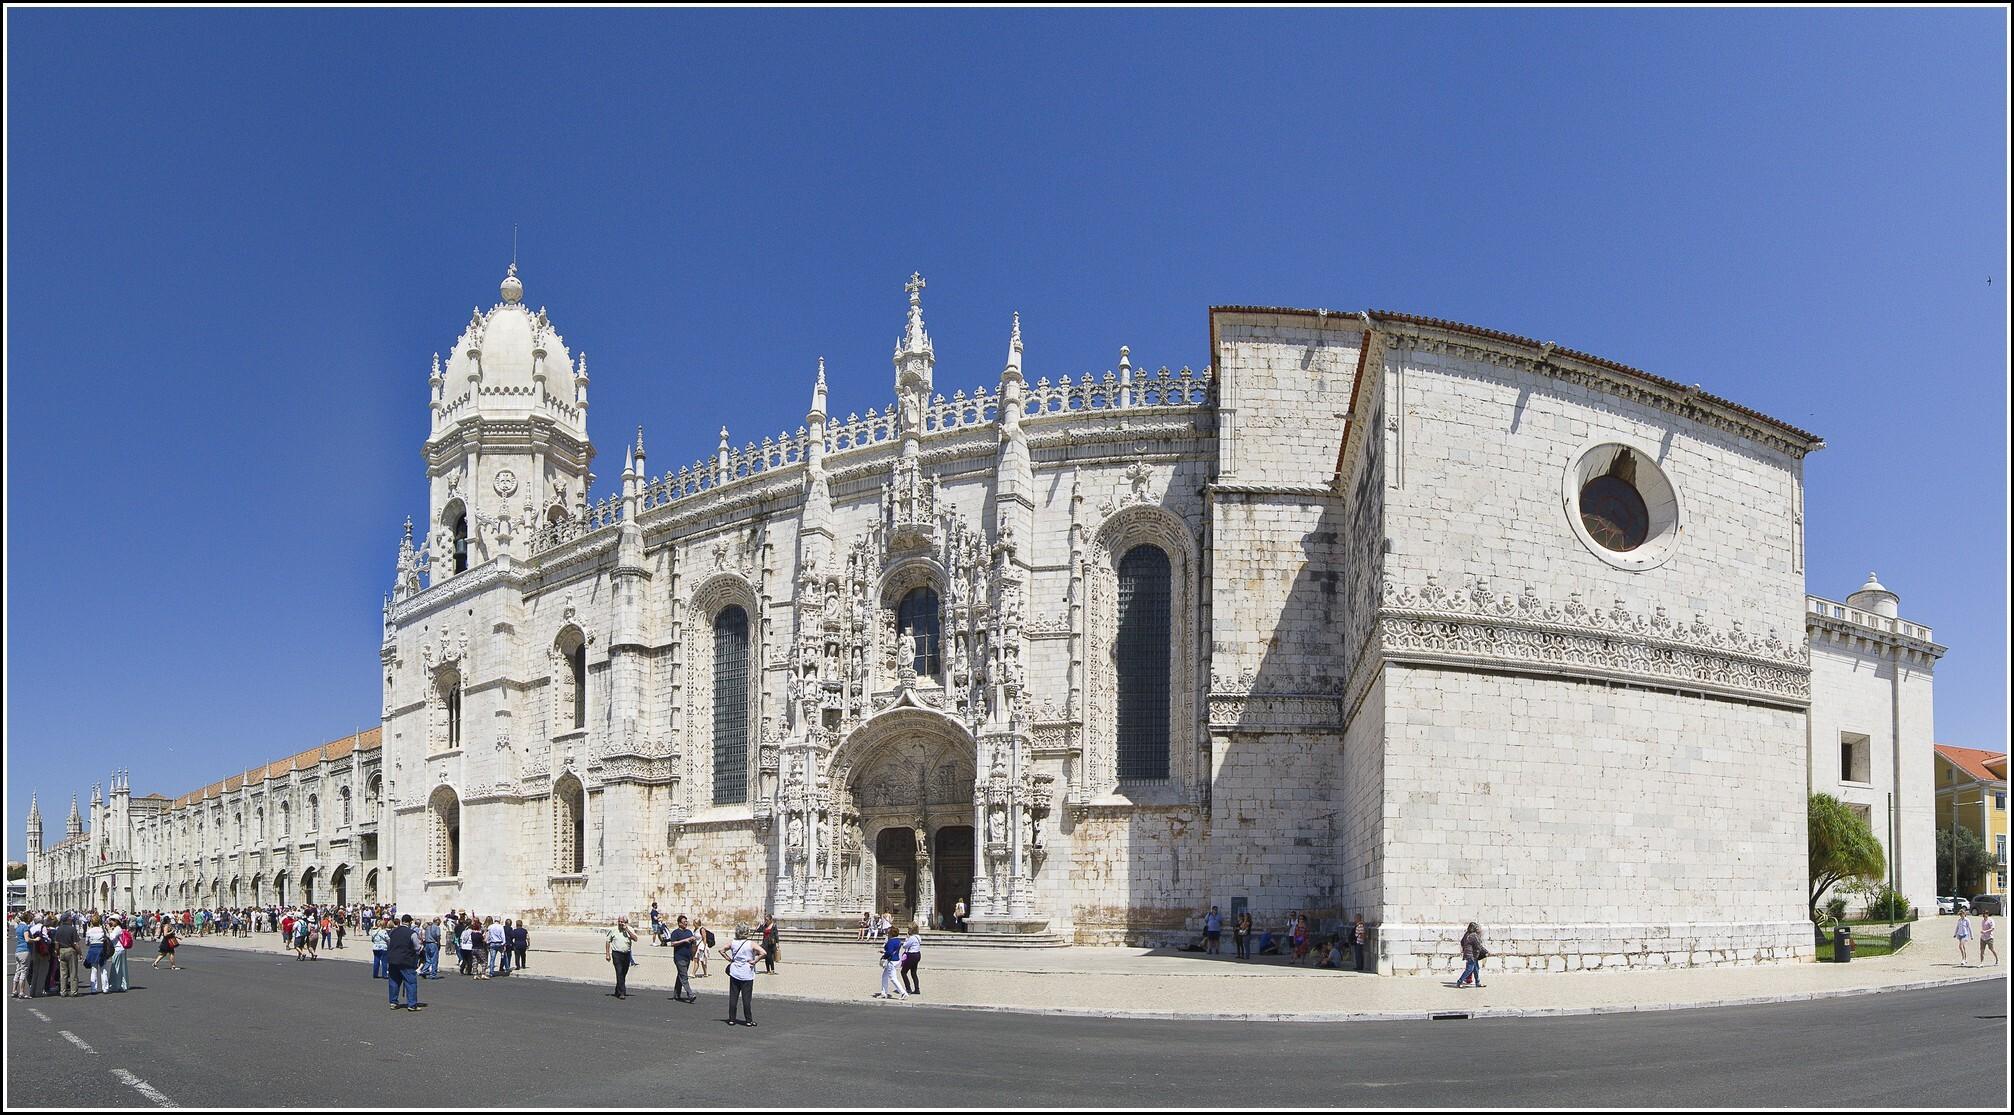 раскадрировали этот португалия жеронимуш фото и описание южного входа мужчине необходимо знать